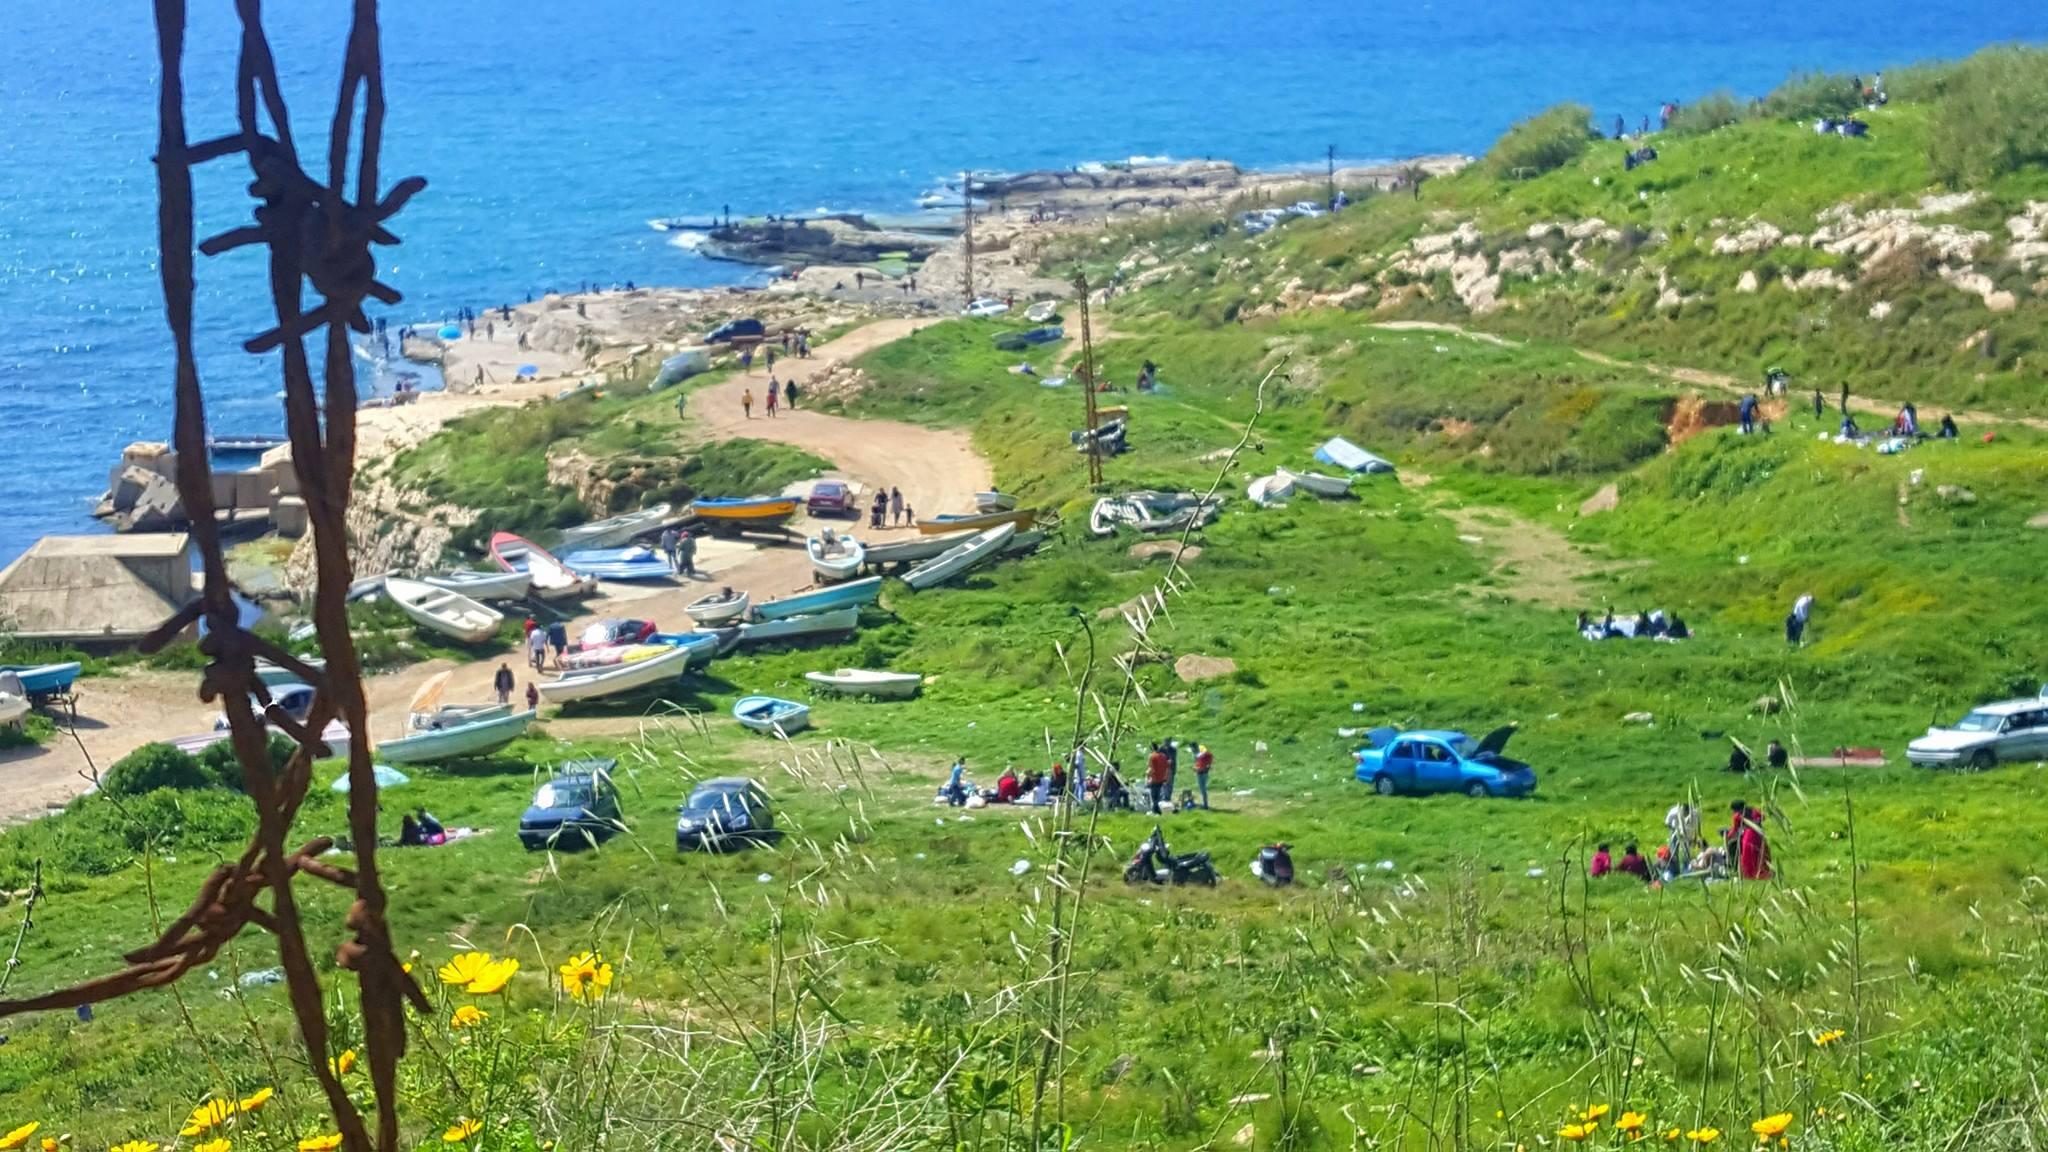 الشاطئ اللبناني.. هذا لنا وهذا لهم